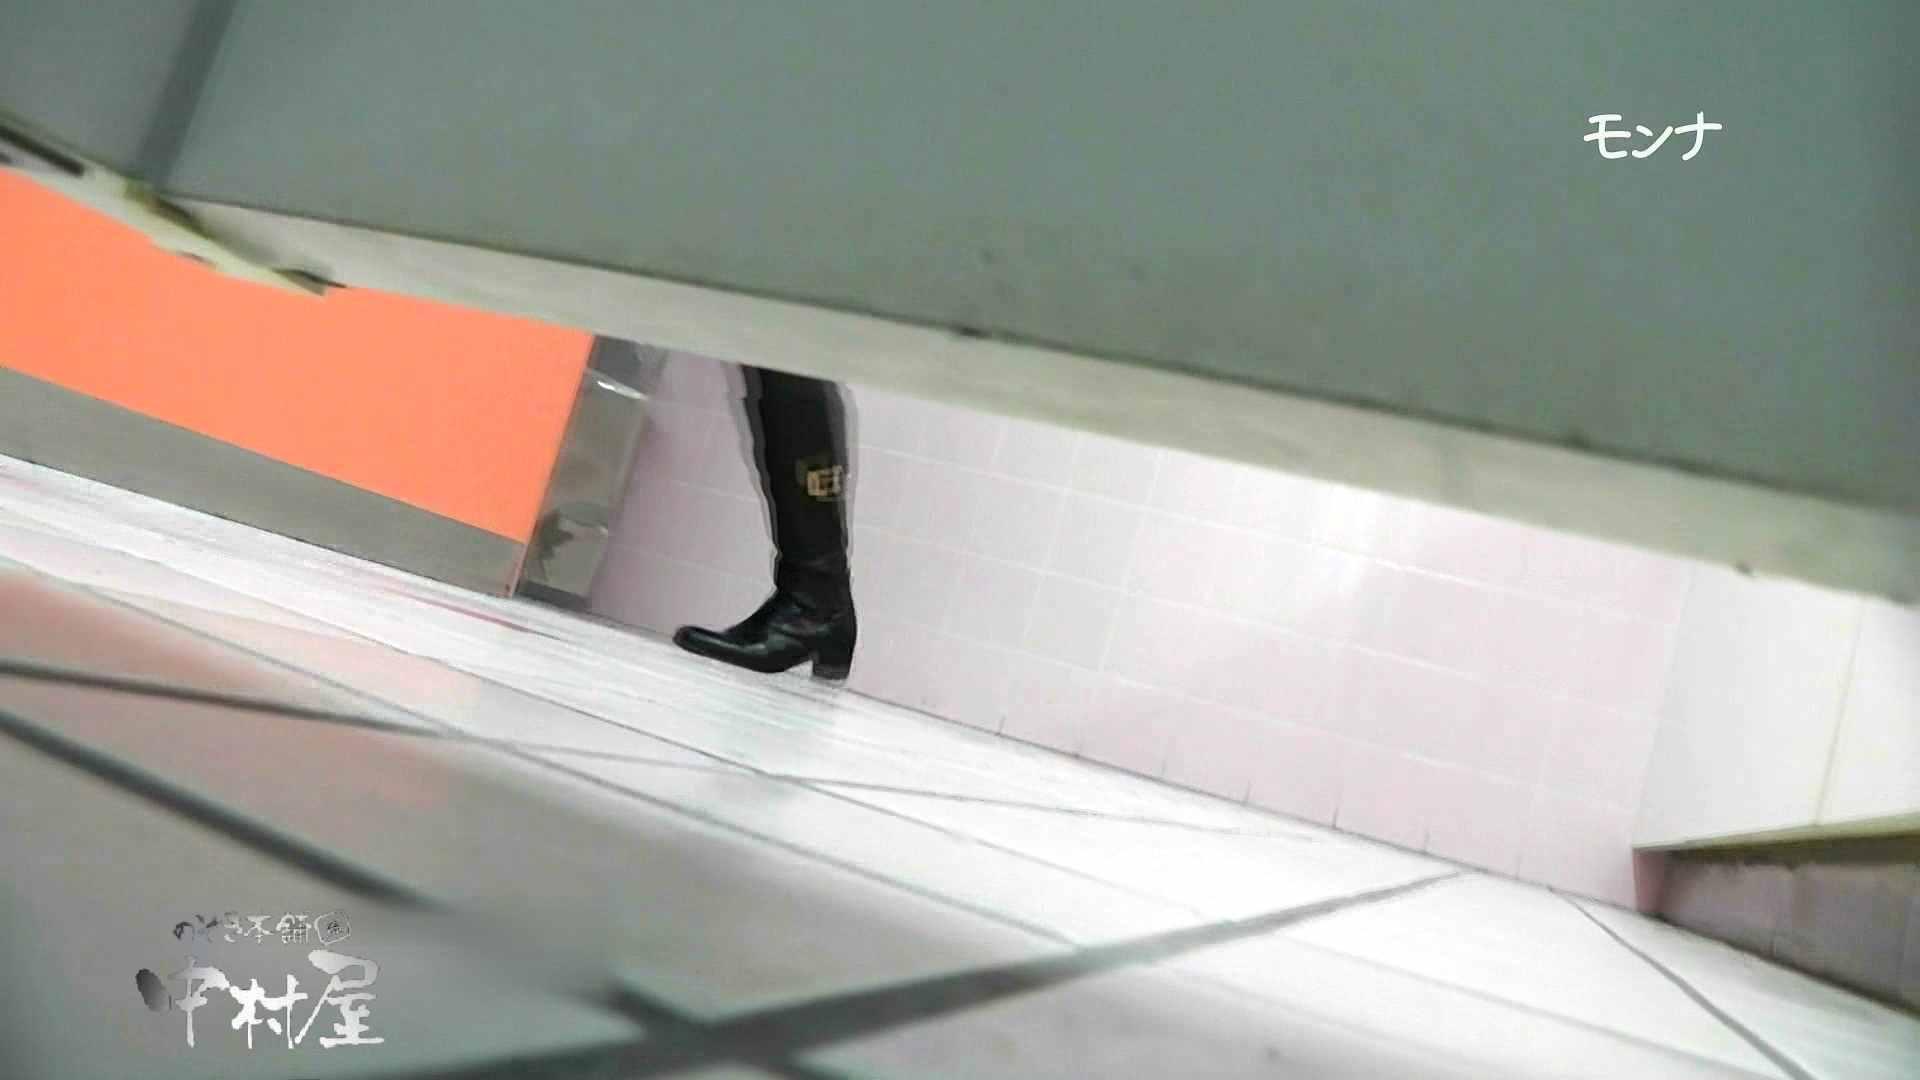 【美しい日本の未来】遂に!!戸田恵梨香似の予告モデル登場ダッシュで「大」前編 おまんこ見放題  75PIX 54